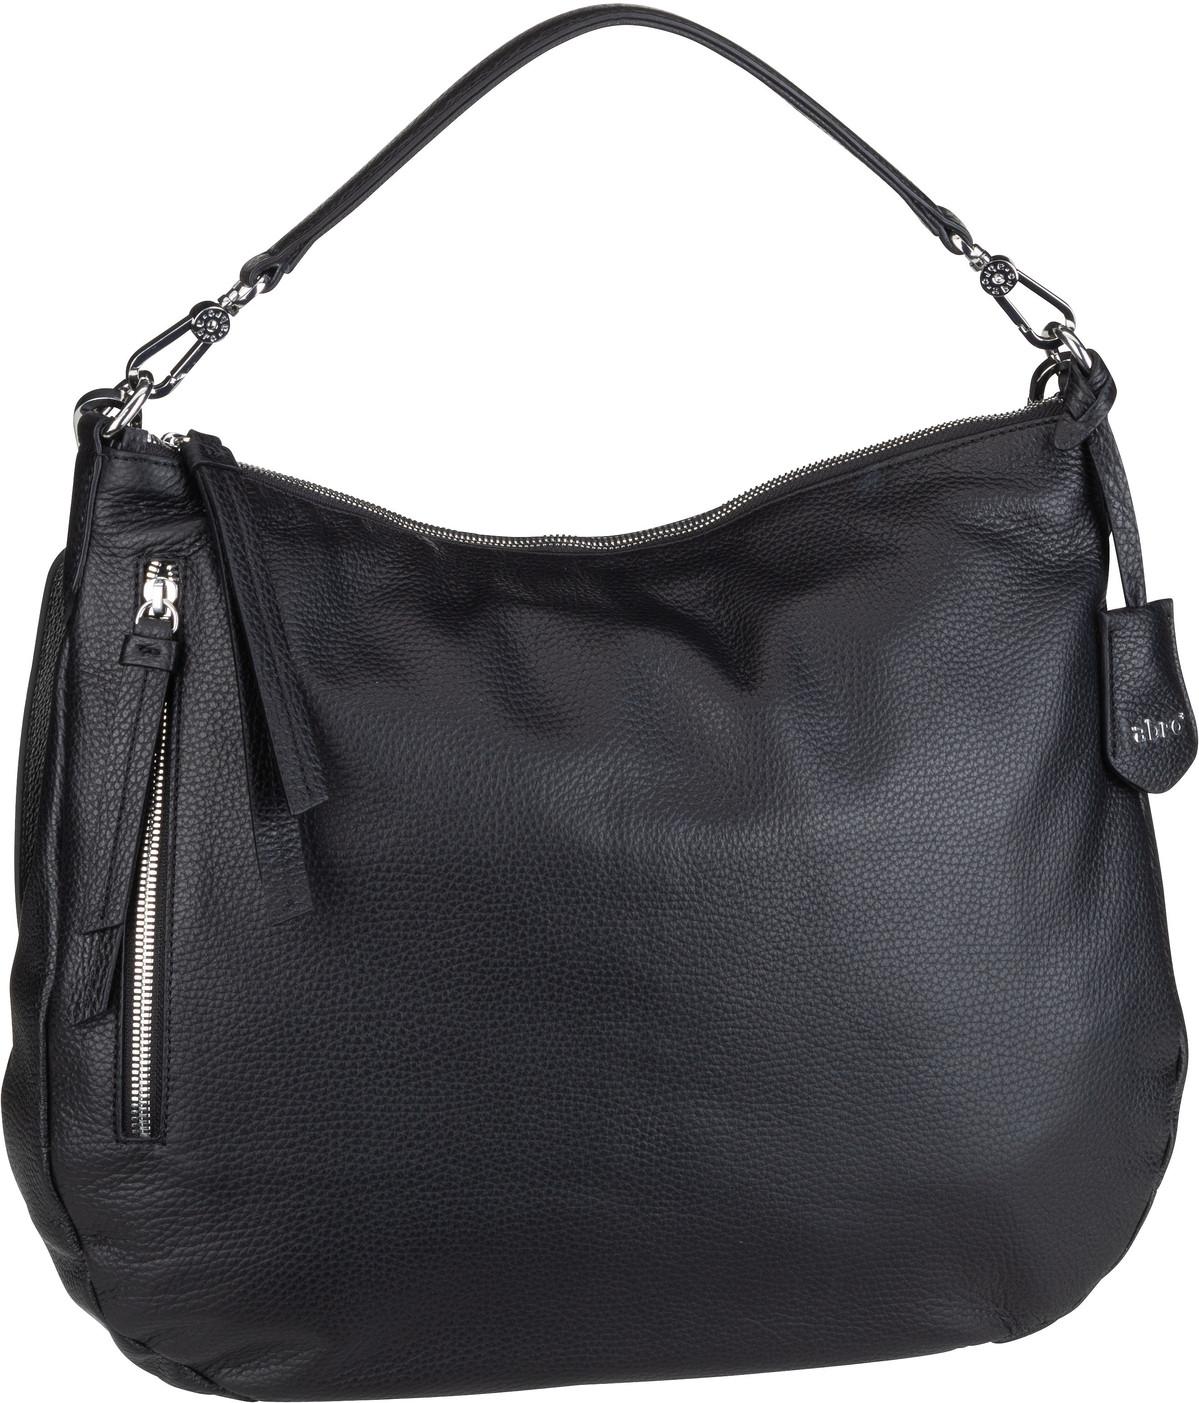 Handtasche Juna 28826 Black